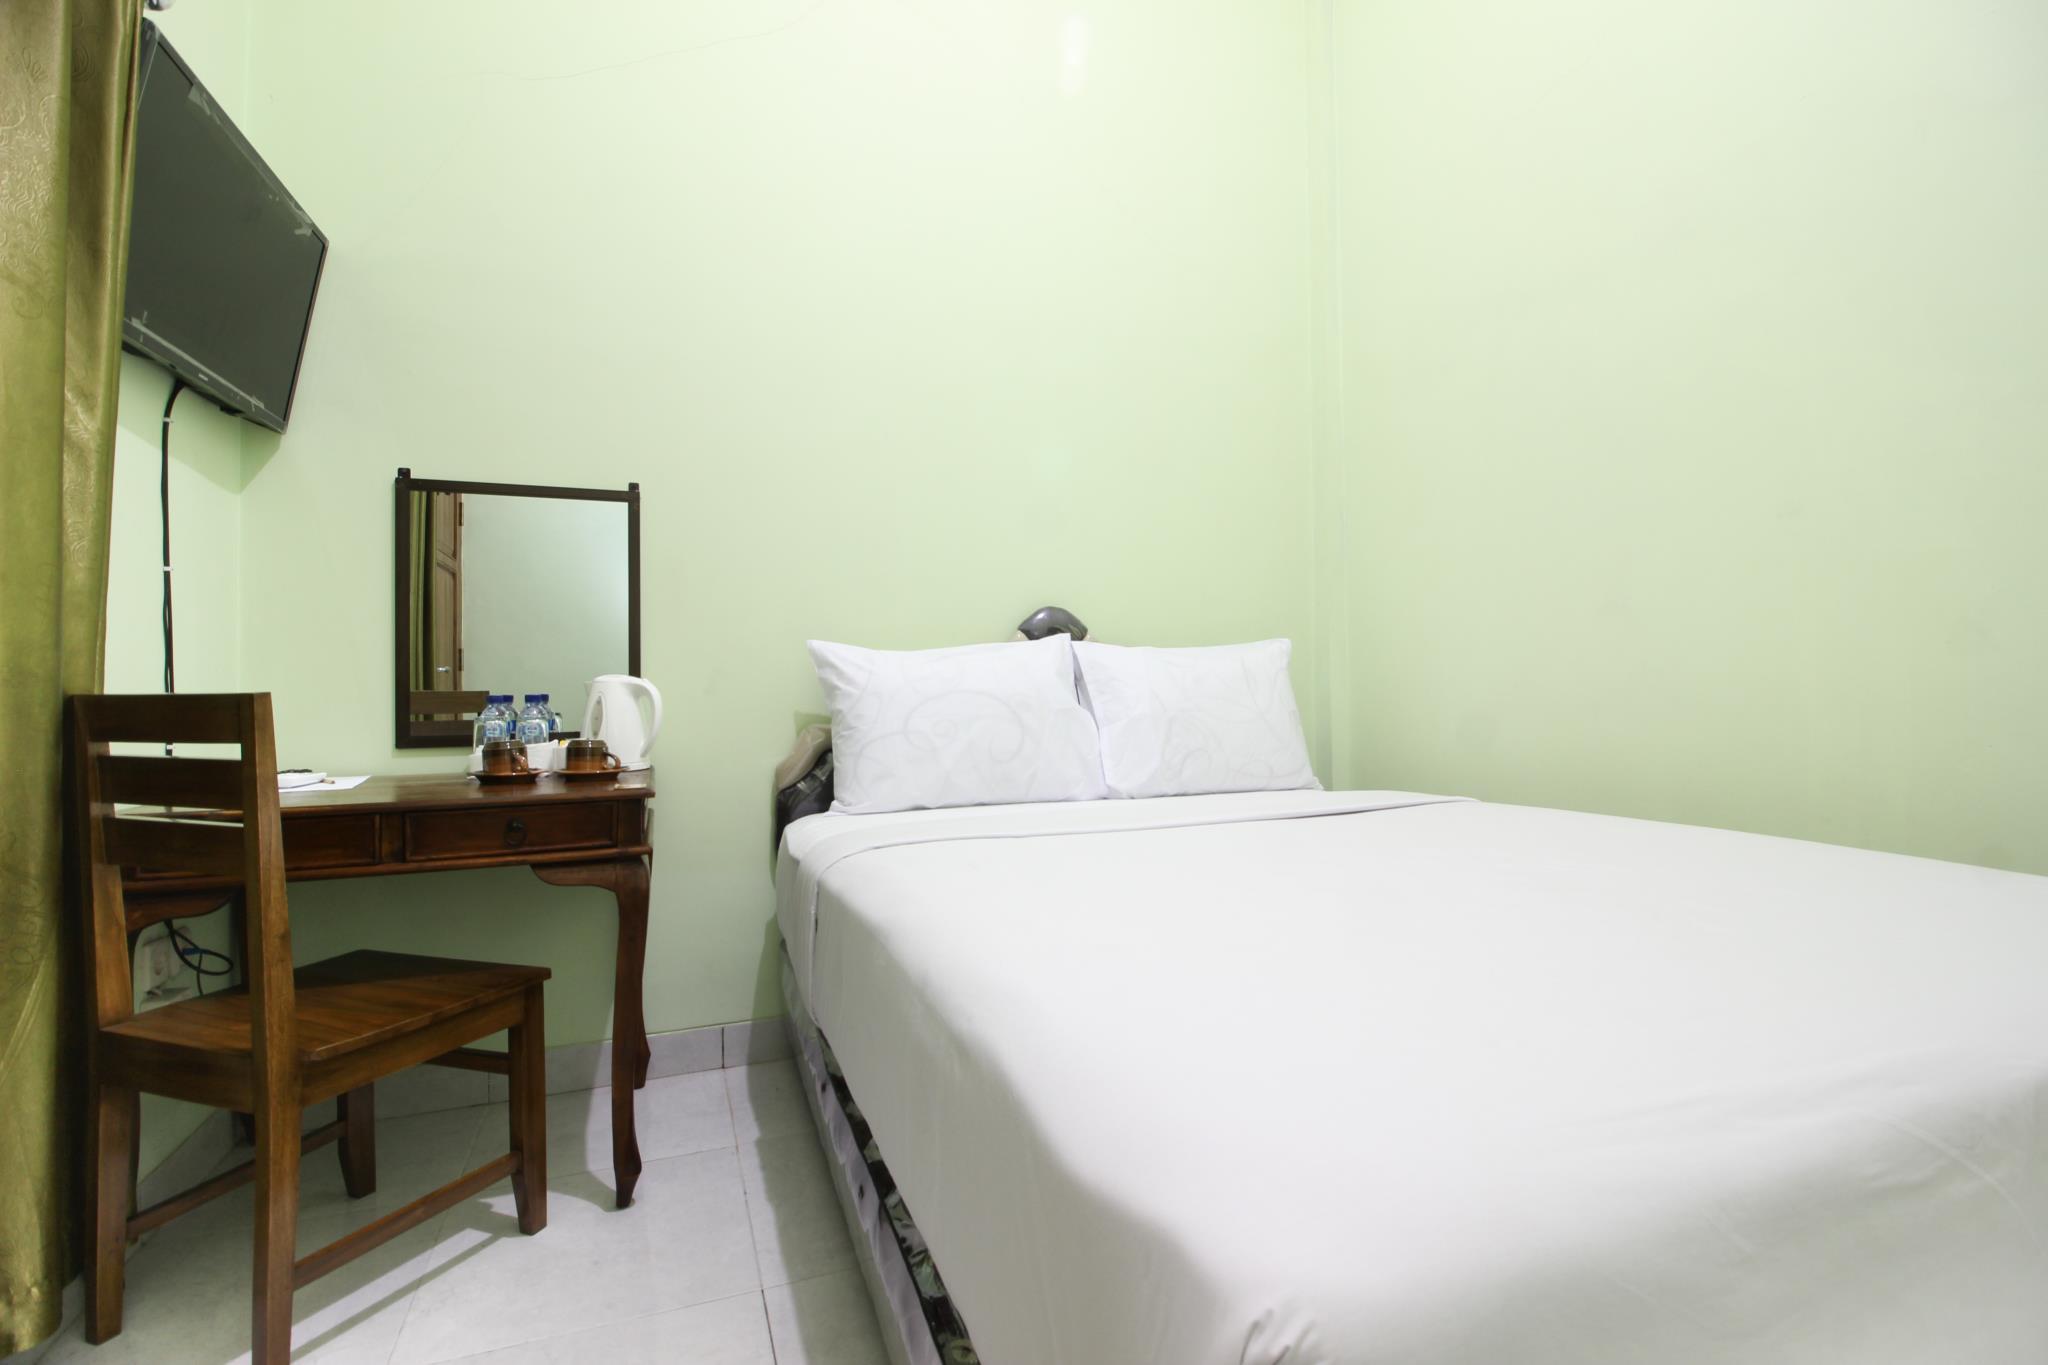 Widitya Inn, Yogyakarta